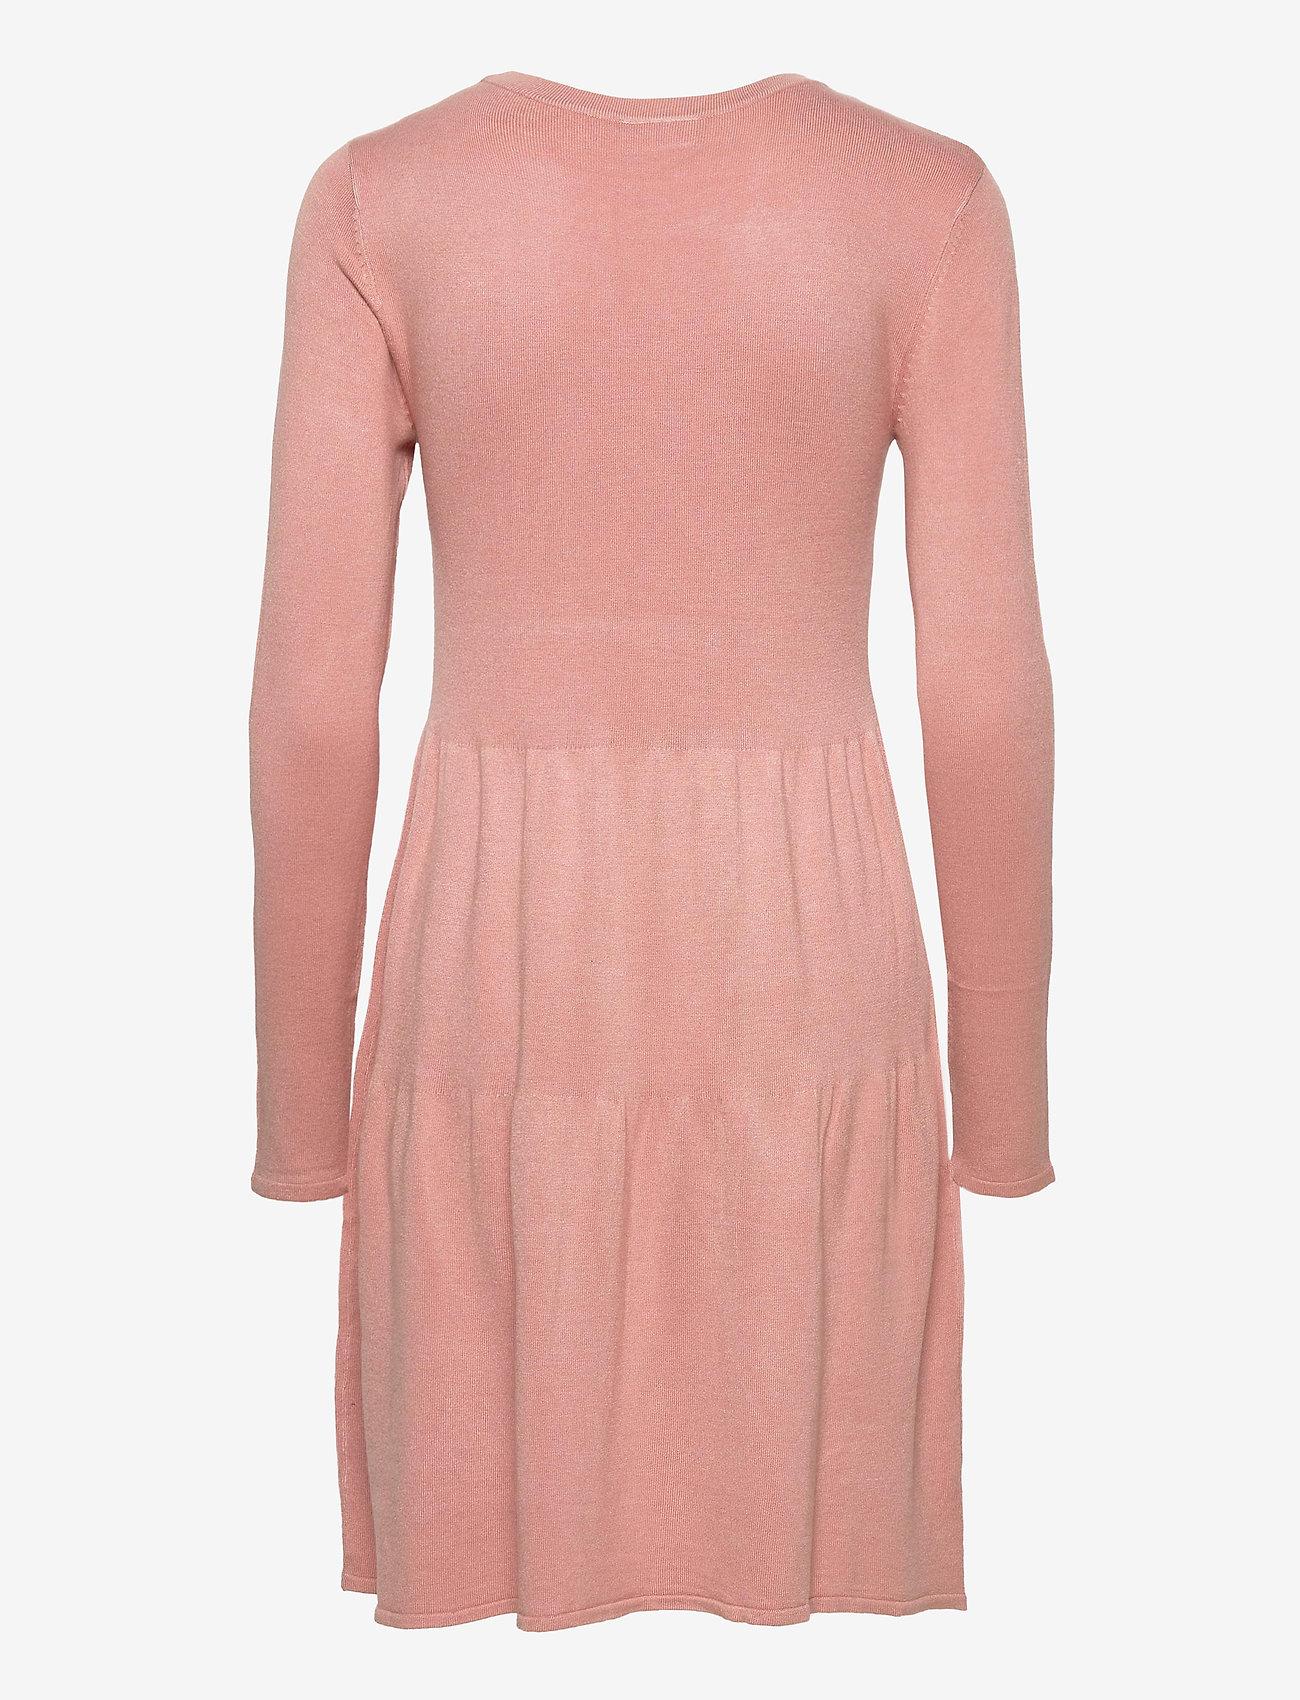 Vila - VIBOLONSIA KNIT L/S DRESS TB - midi dresses - misty rose - 1